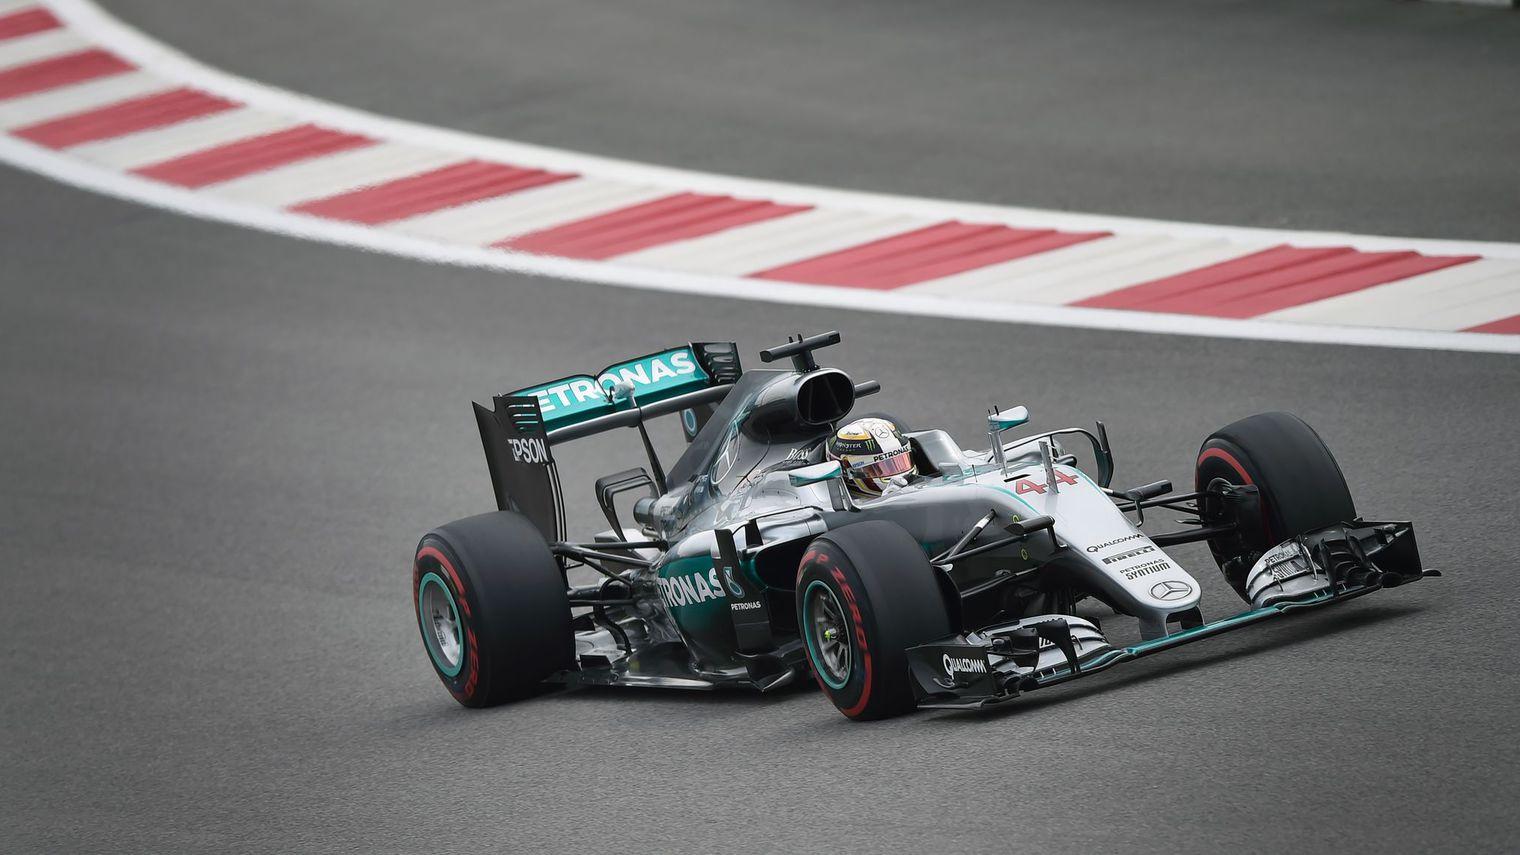 Grand Prix F1 des Amériques 2016 en direct streaming sur Canal+Sport dès 19h